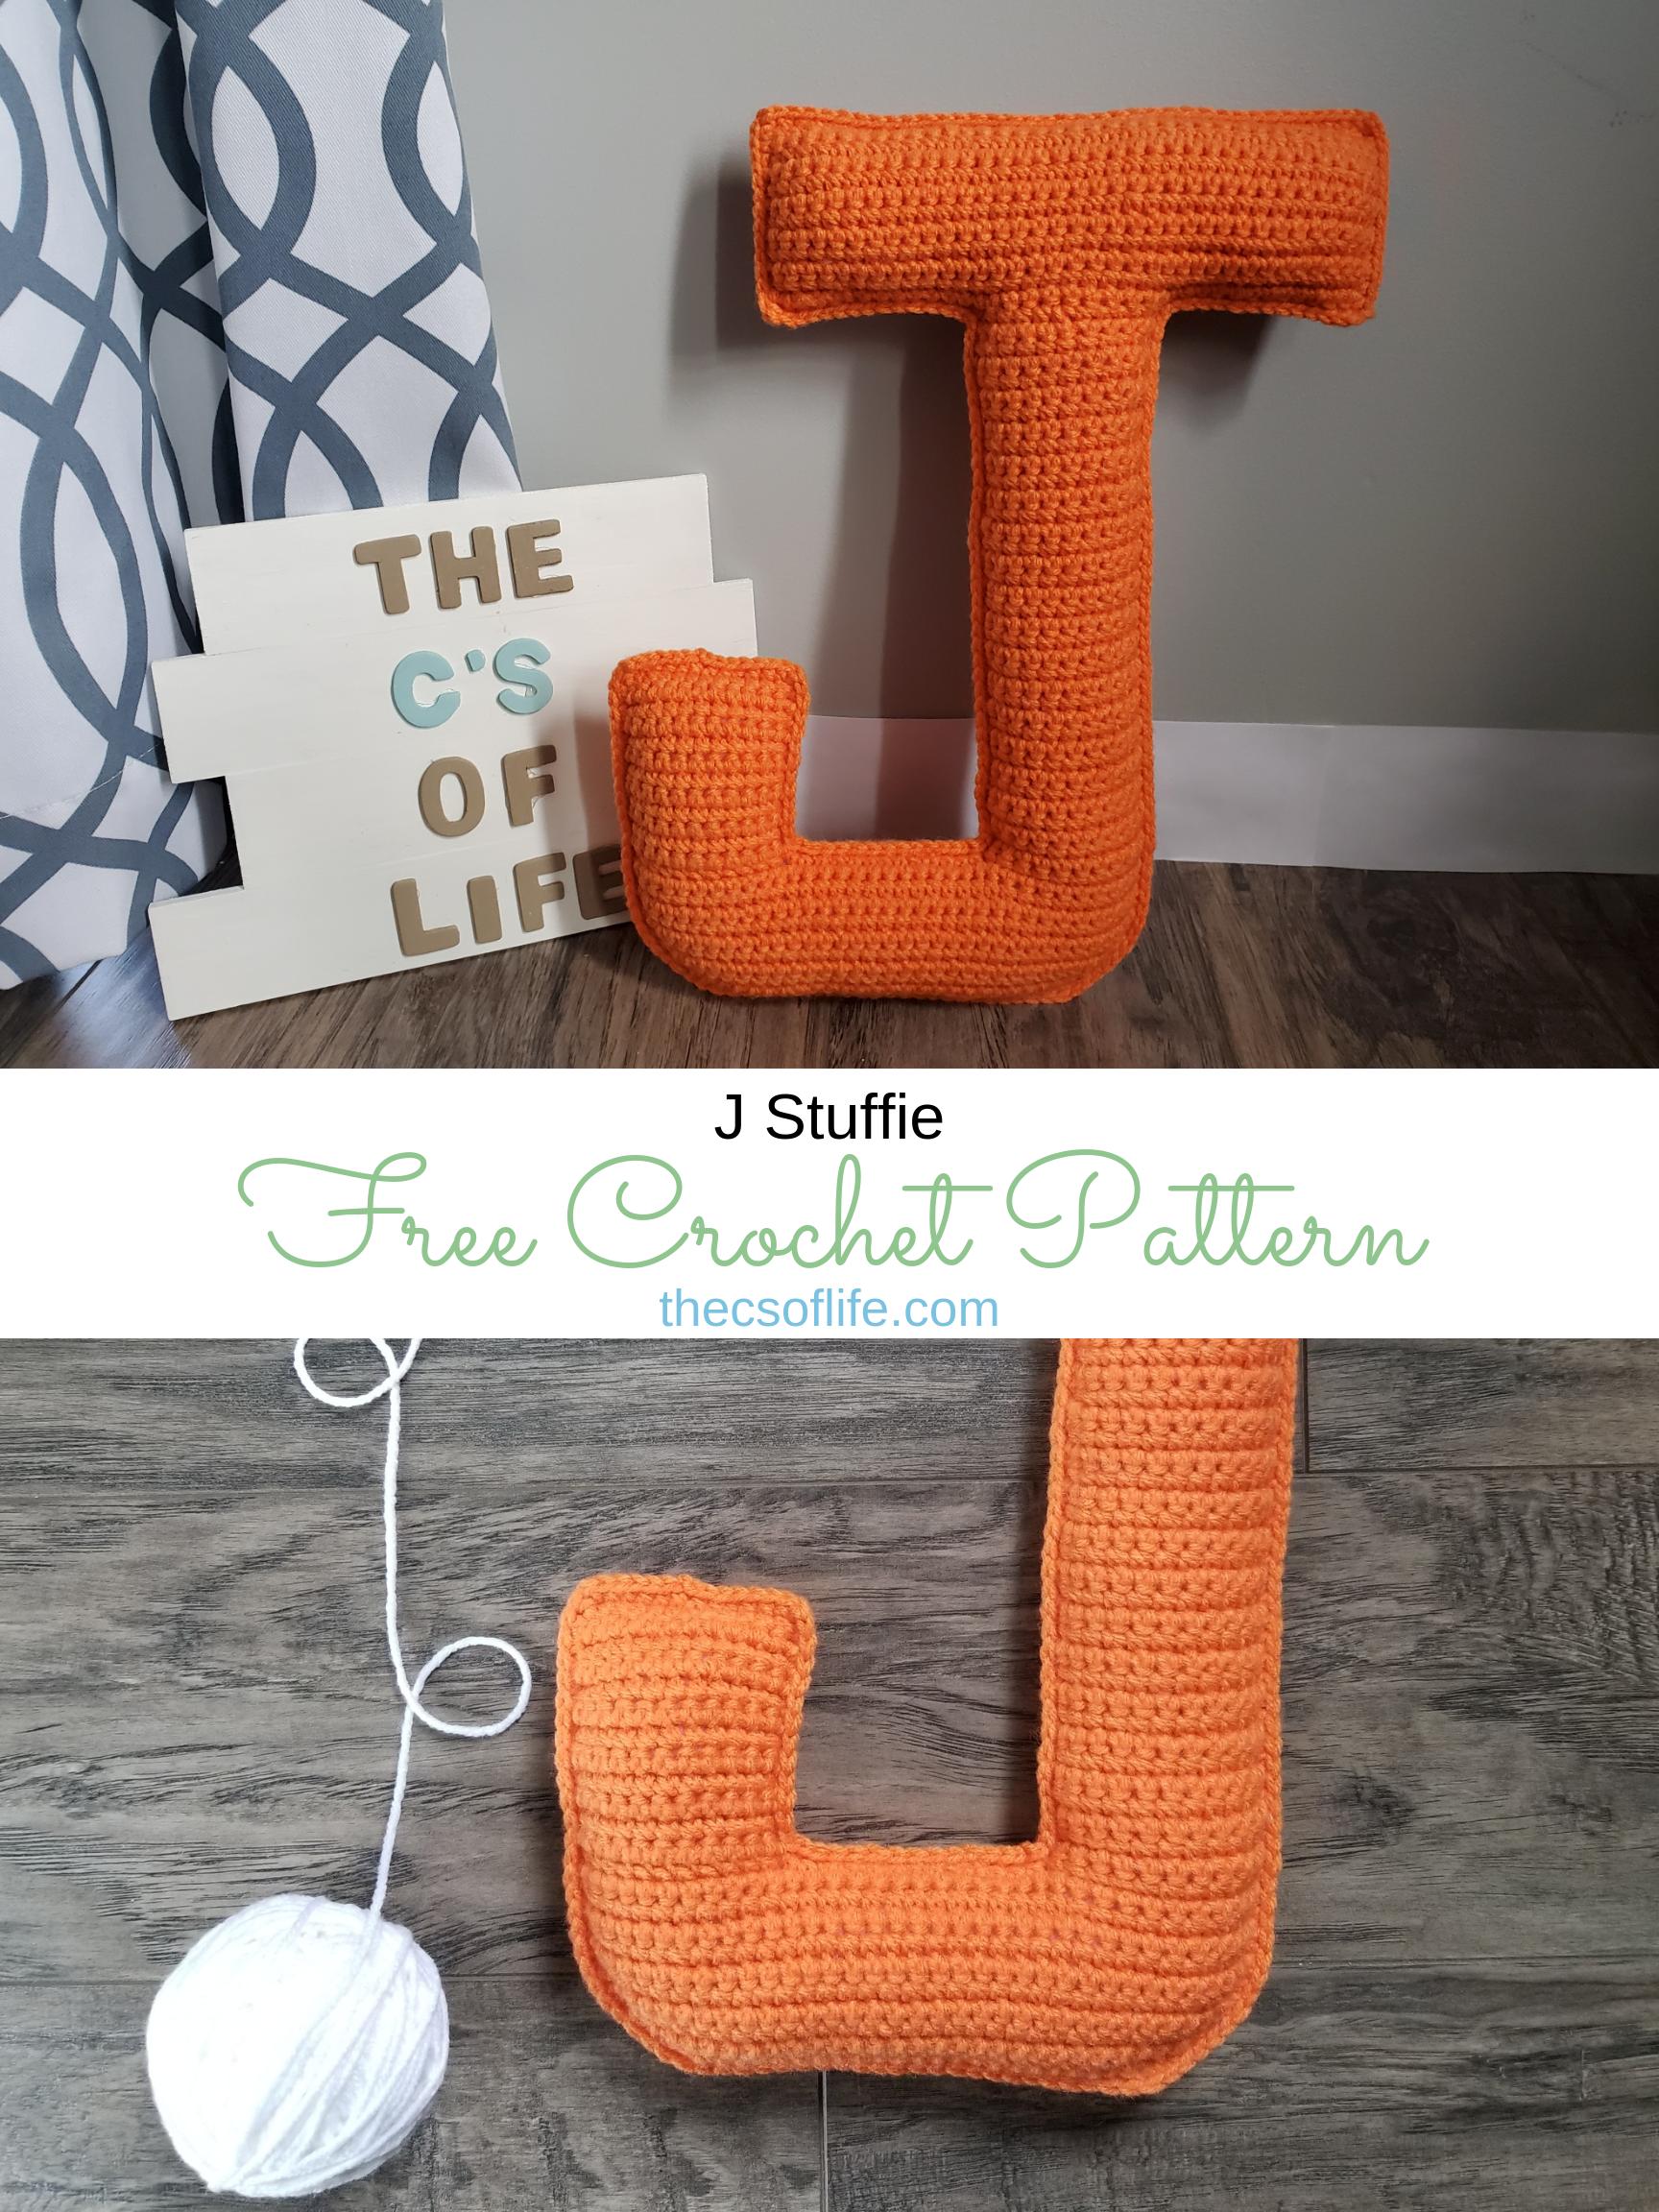 J Stuffie - Free Crochet Pattern